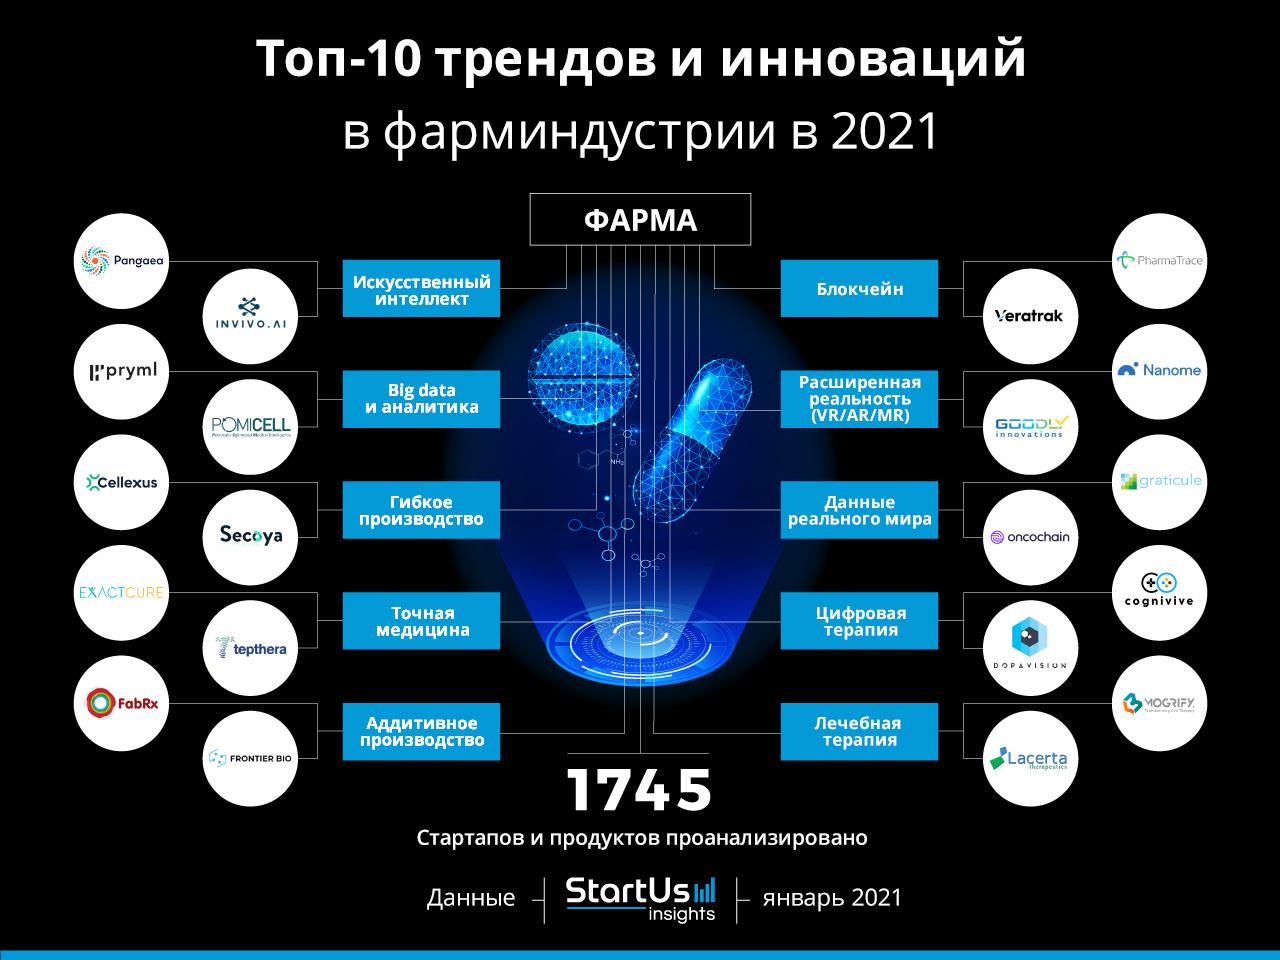 Топ-10 трендов и инноваций в фарминдустрии в 2021